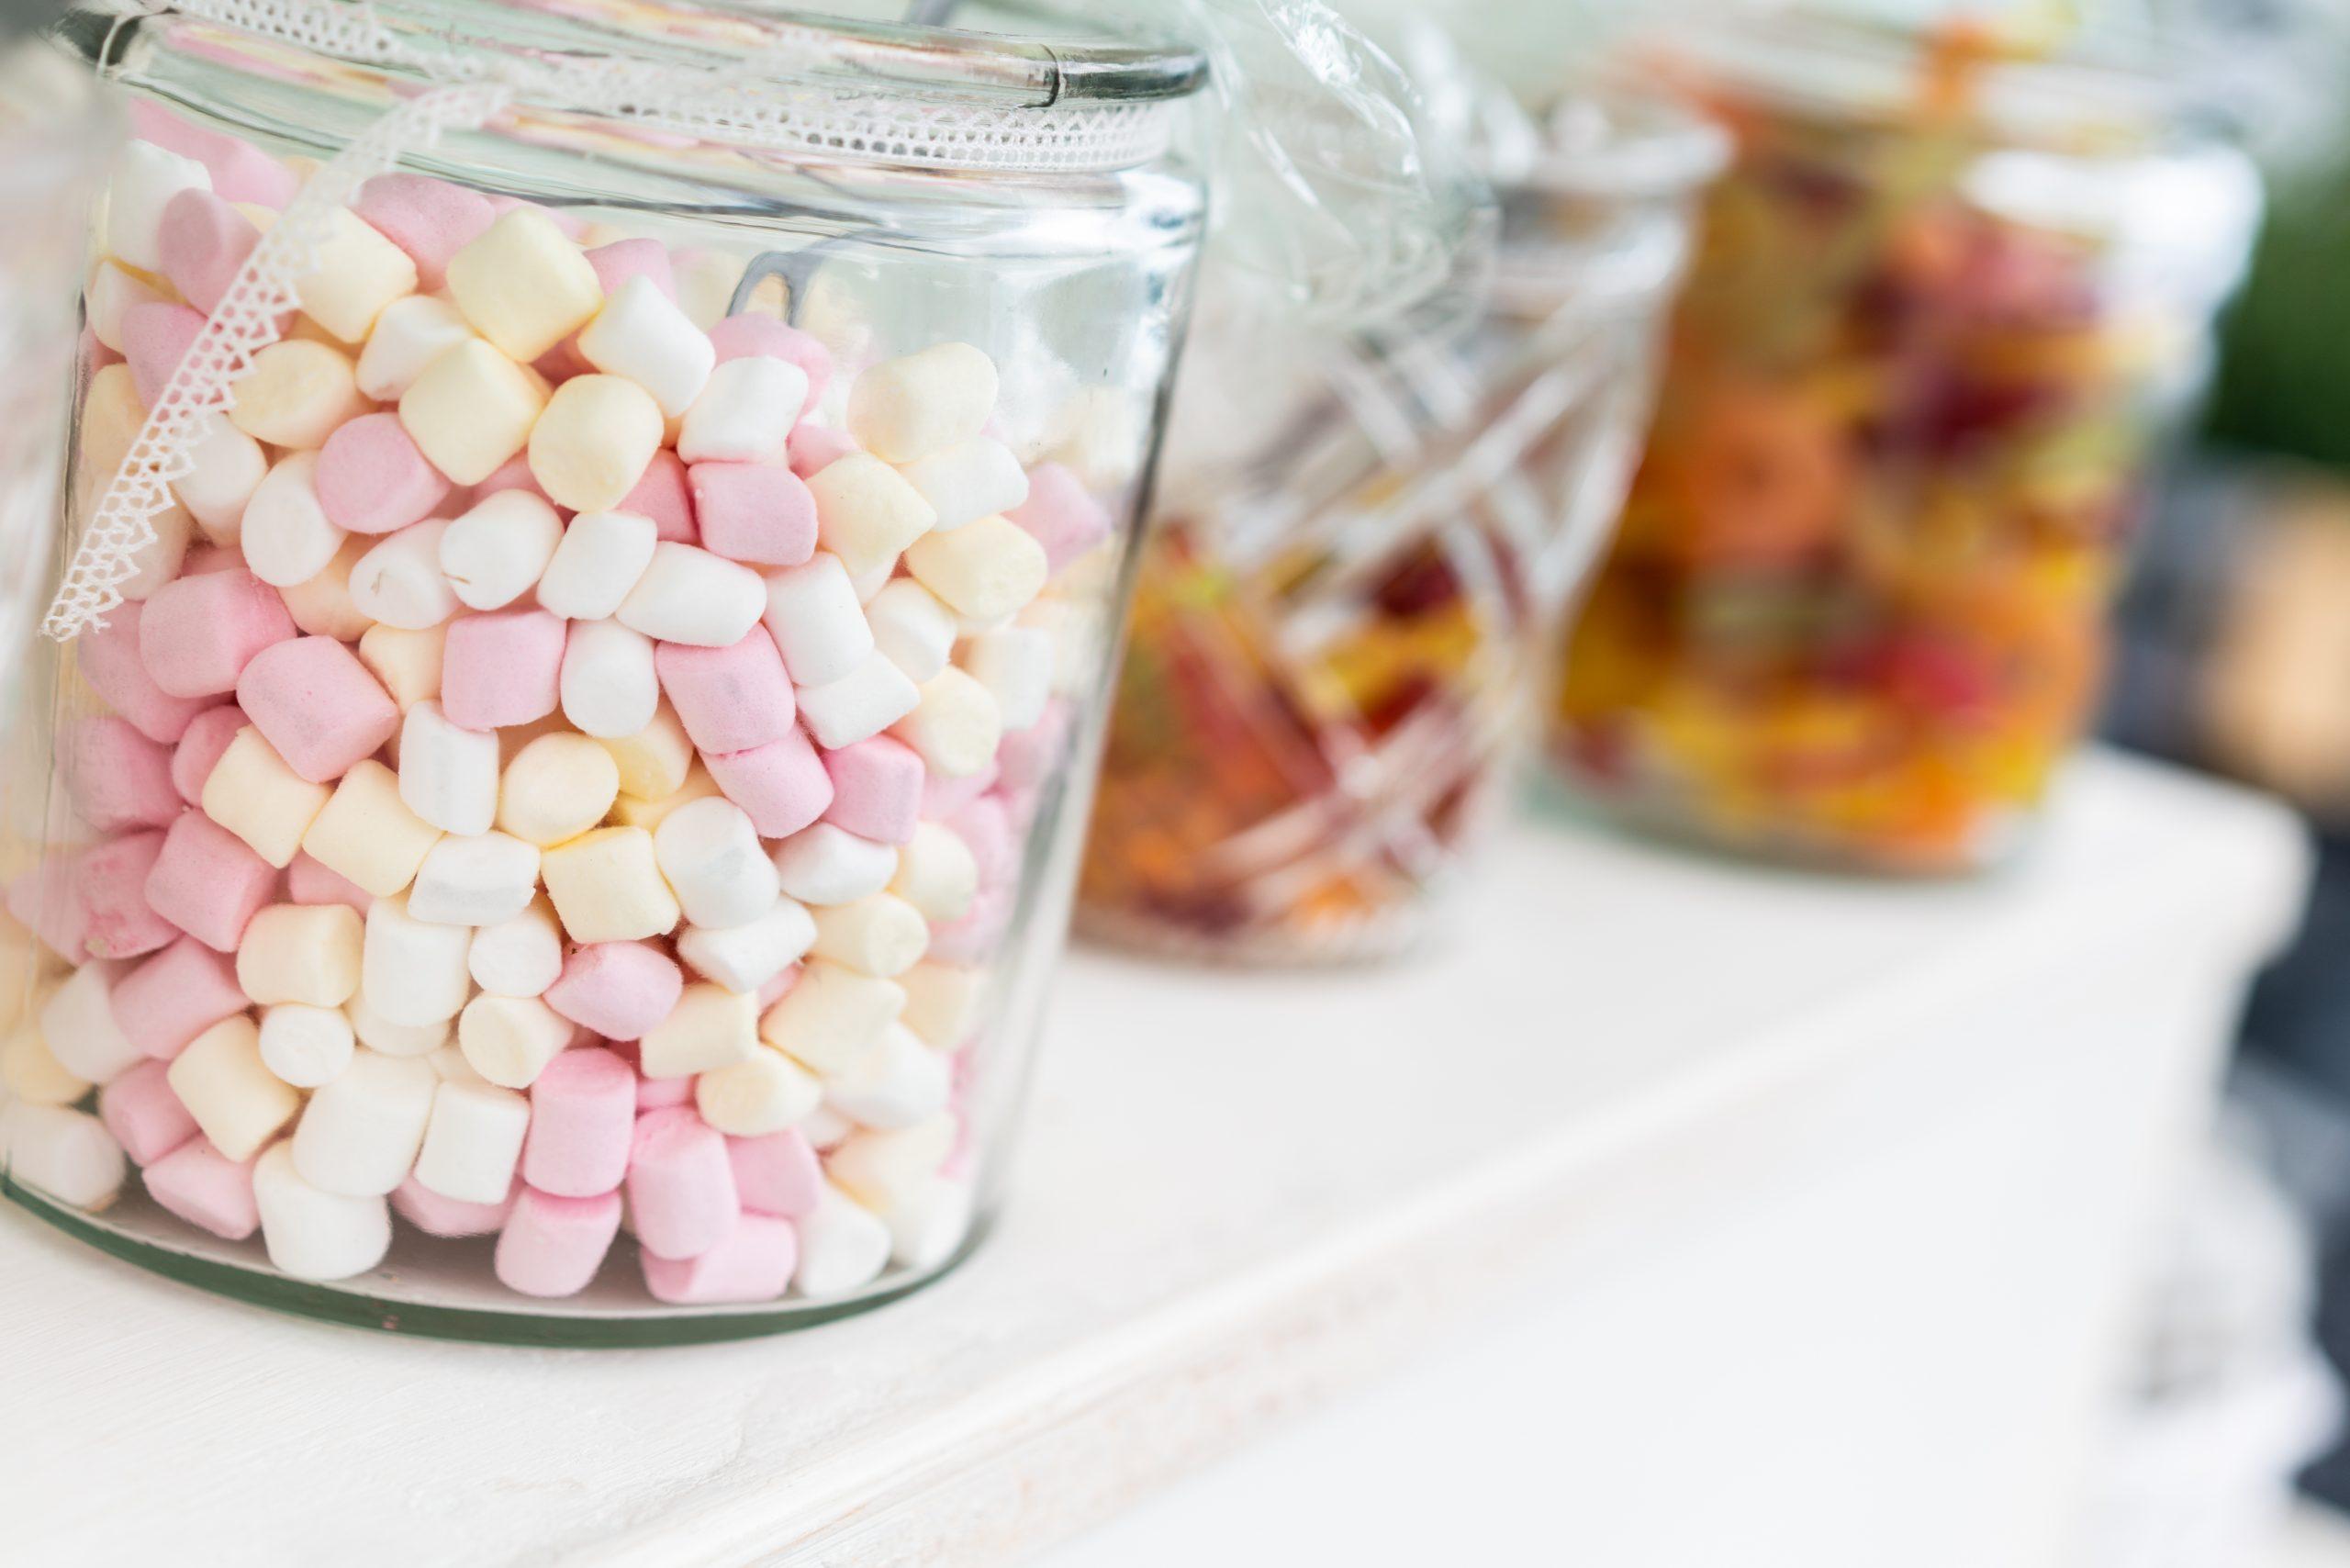 Gefüllte Gläser der Candybar